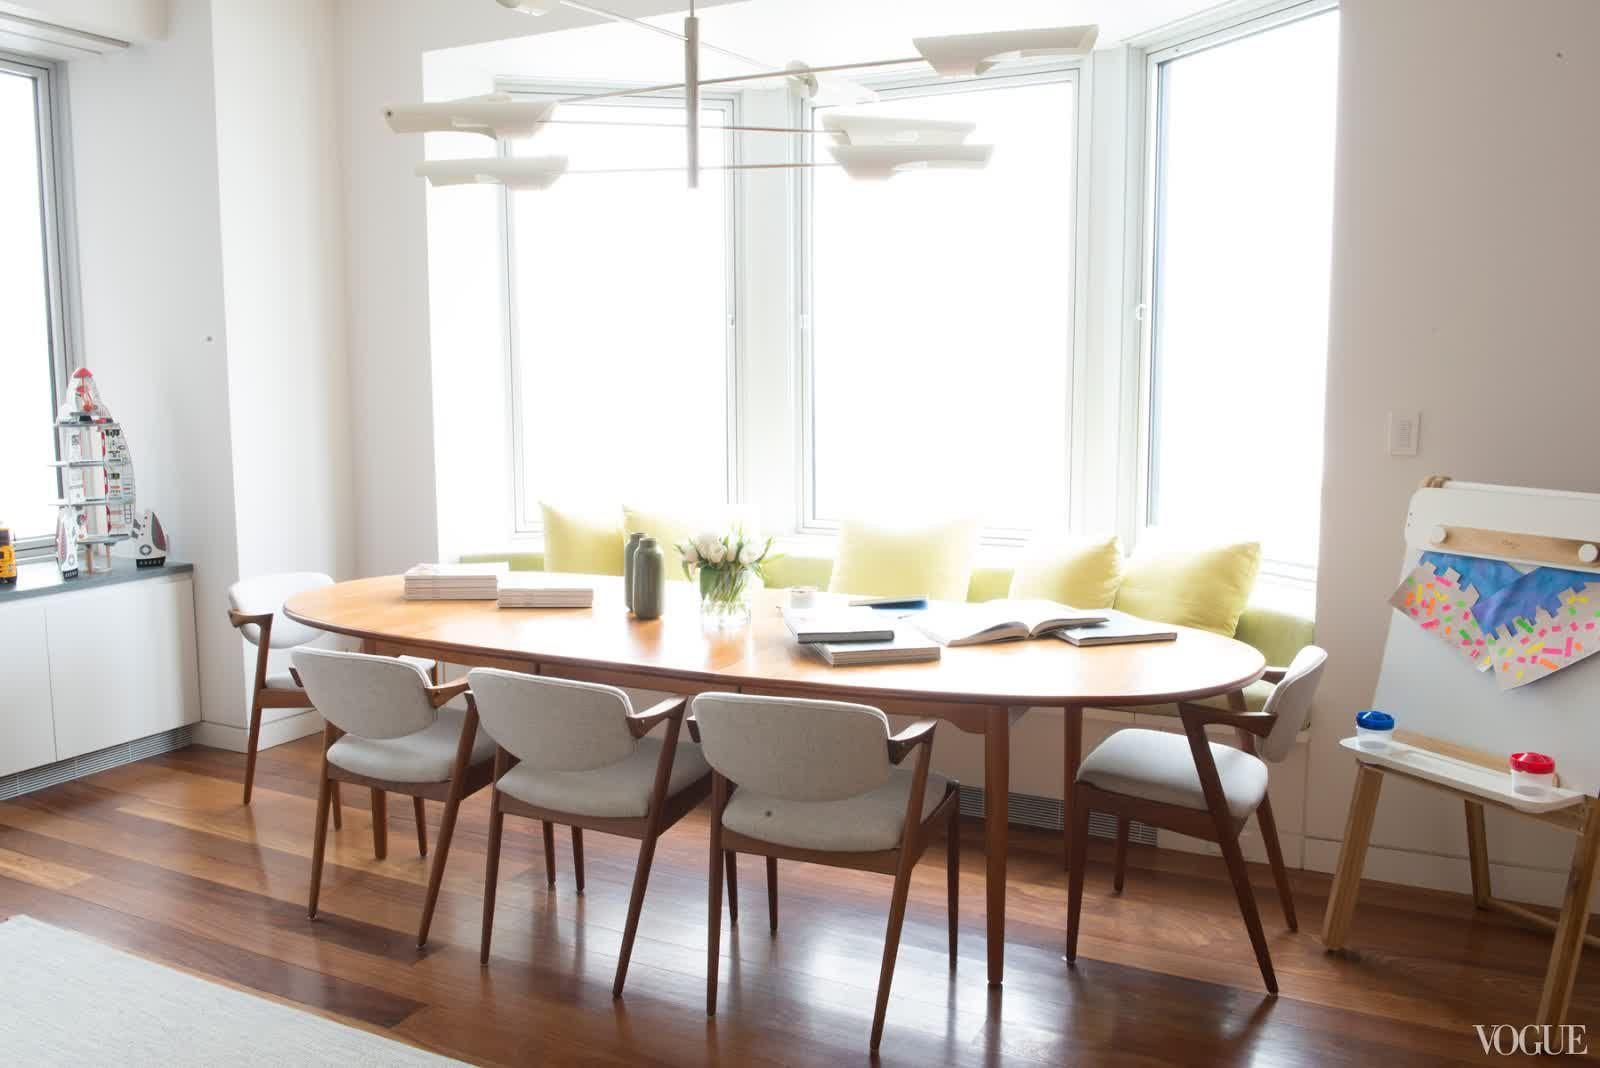 ^ 1000+ images about Home decor on Pinterest ero saarinen, Mid ...